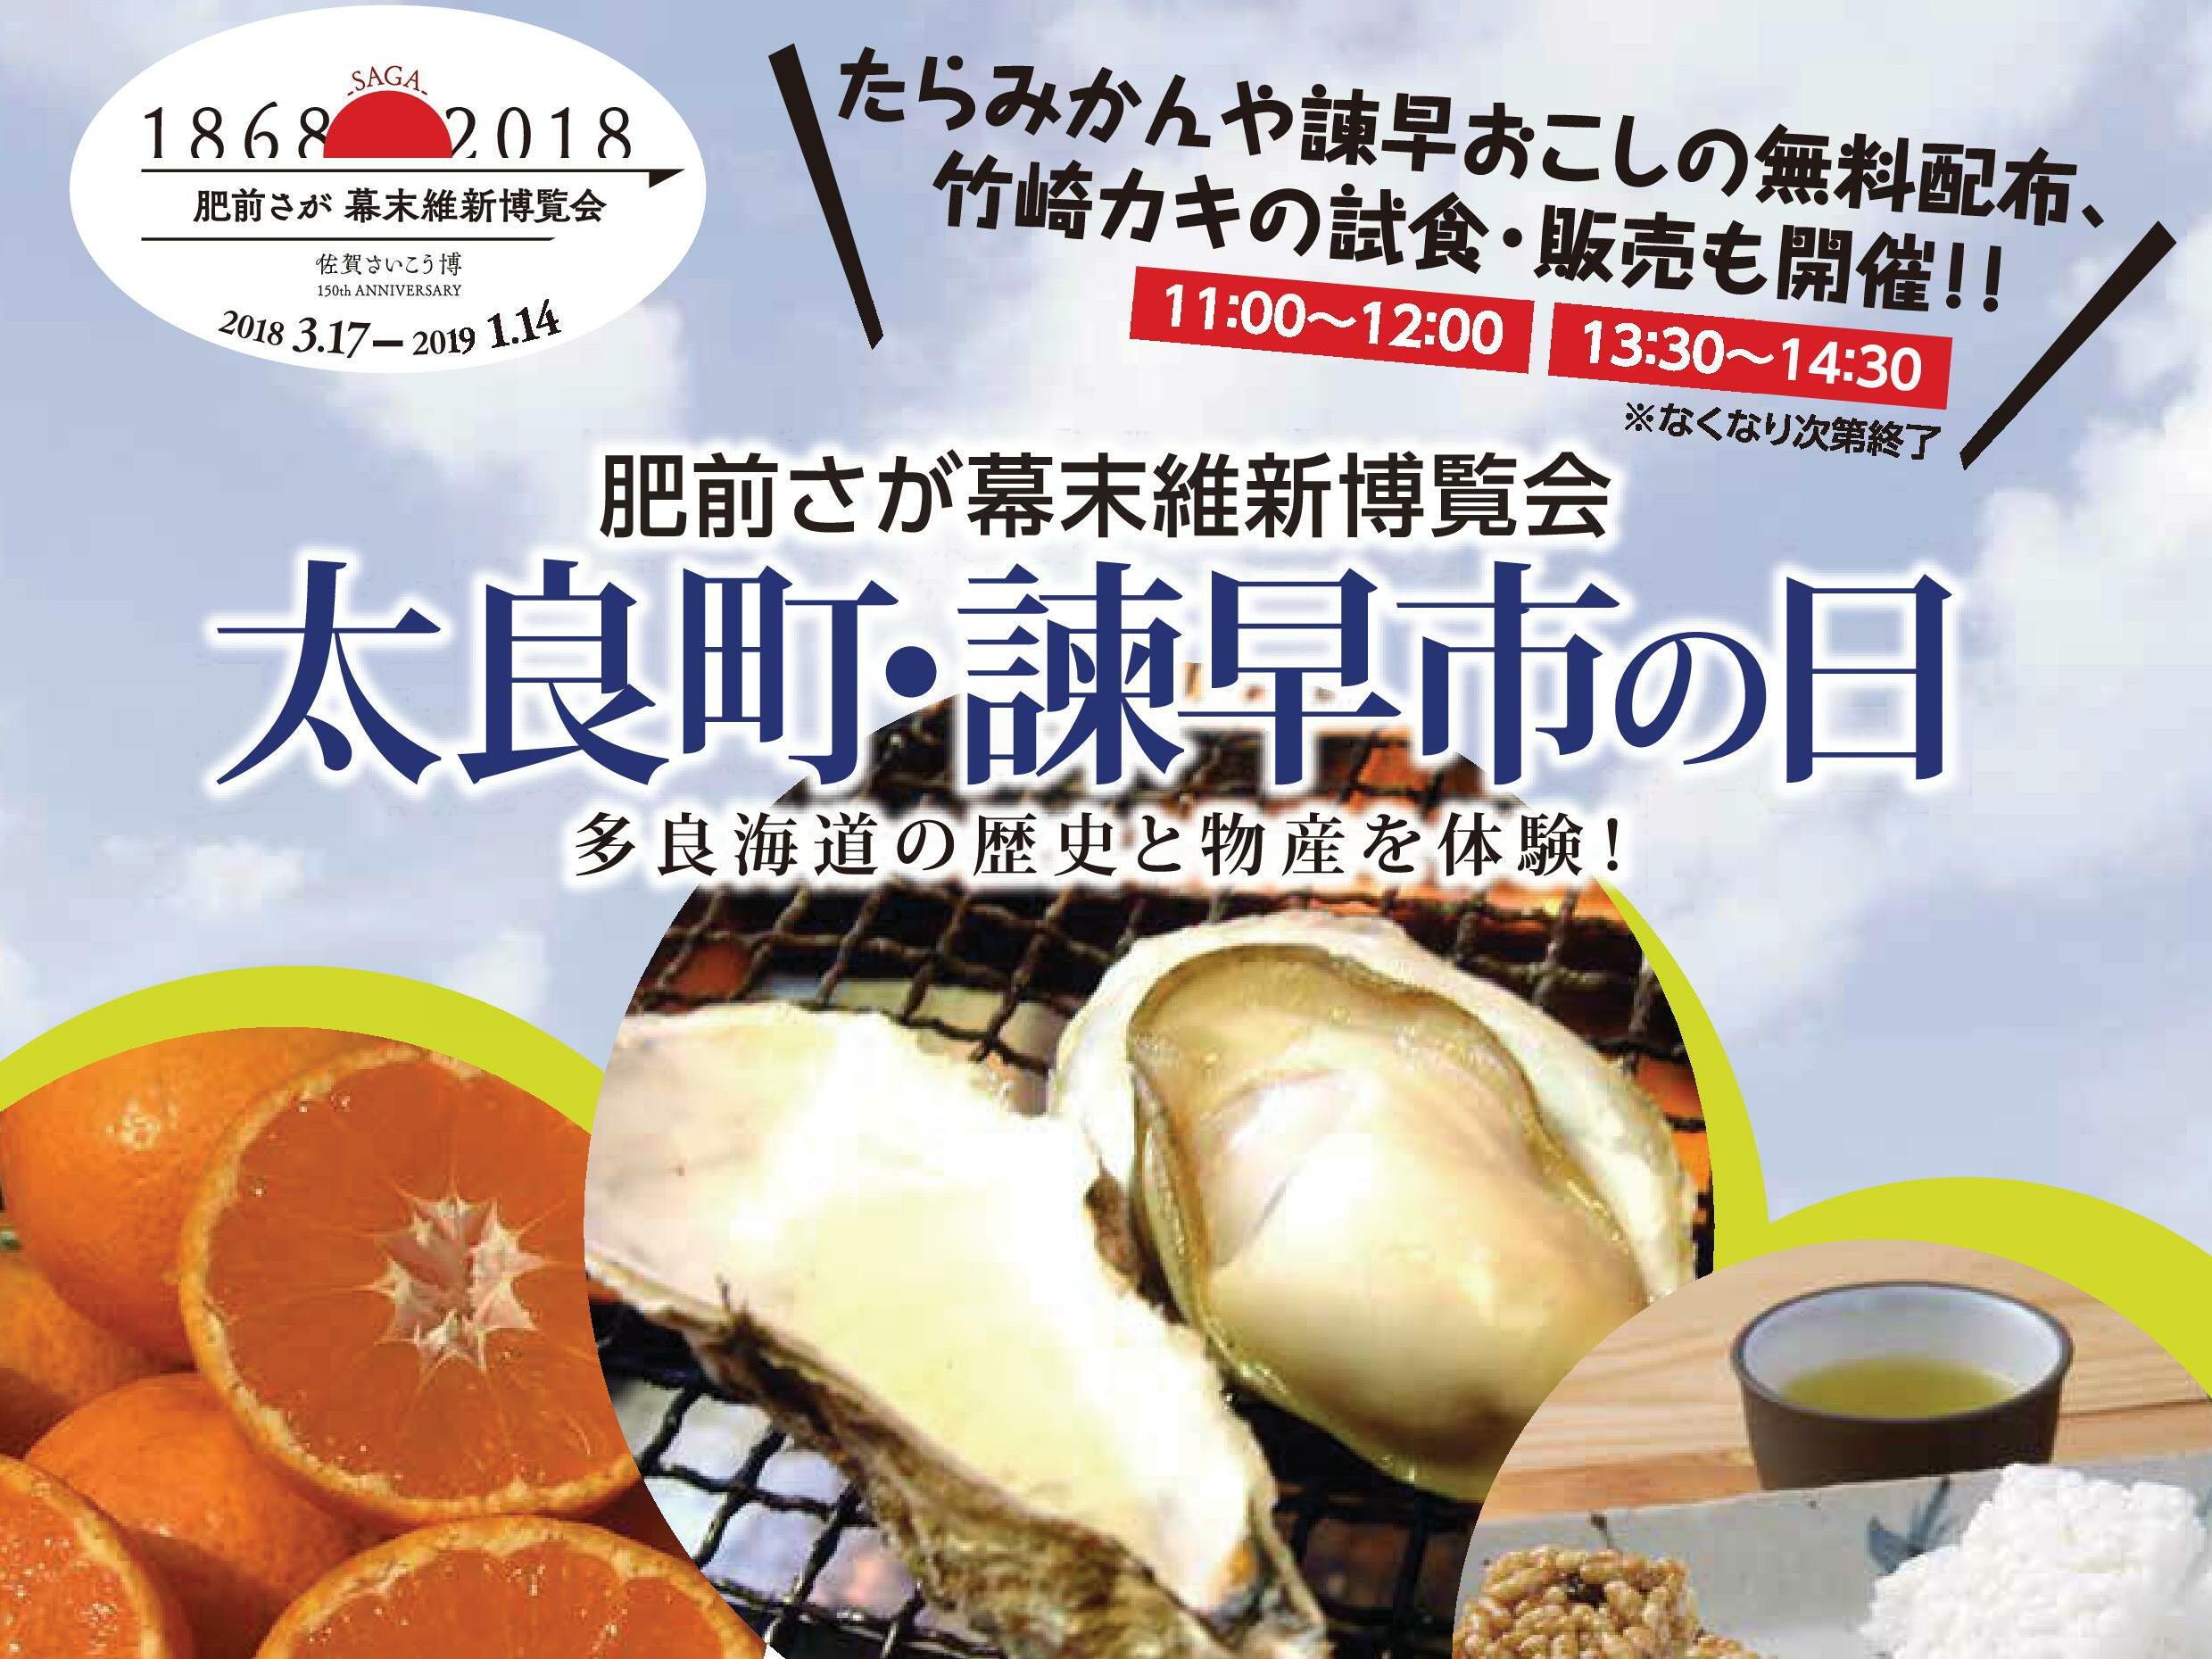 肥前さが幕末維新博覧会「太良町・諫早市の日」が開催されます。